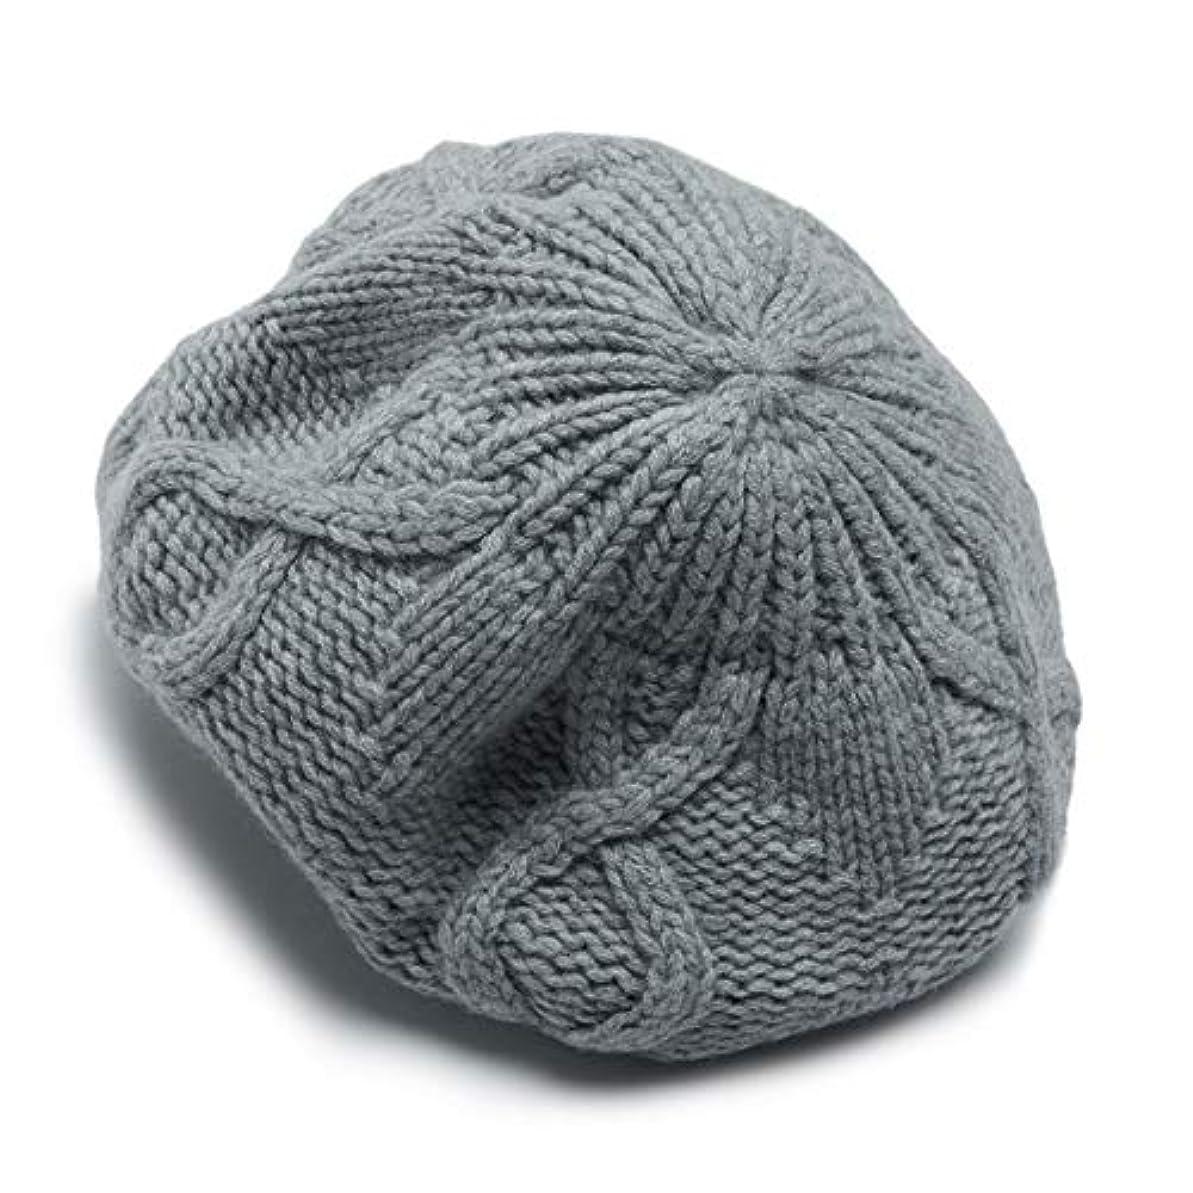 遠え貞アミューズメント優雅な カシミヤ帽子、カシミヤの秋と冬の屋外暖かい帽子、女性はニットカシミヤ帽子、灰色のベレー帽(キャップ??幅:13センチメートル;キャップ深さ:18センチメートル)